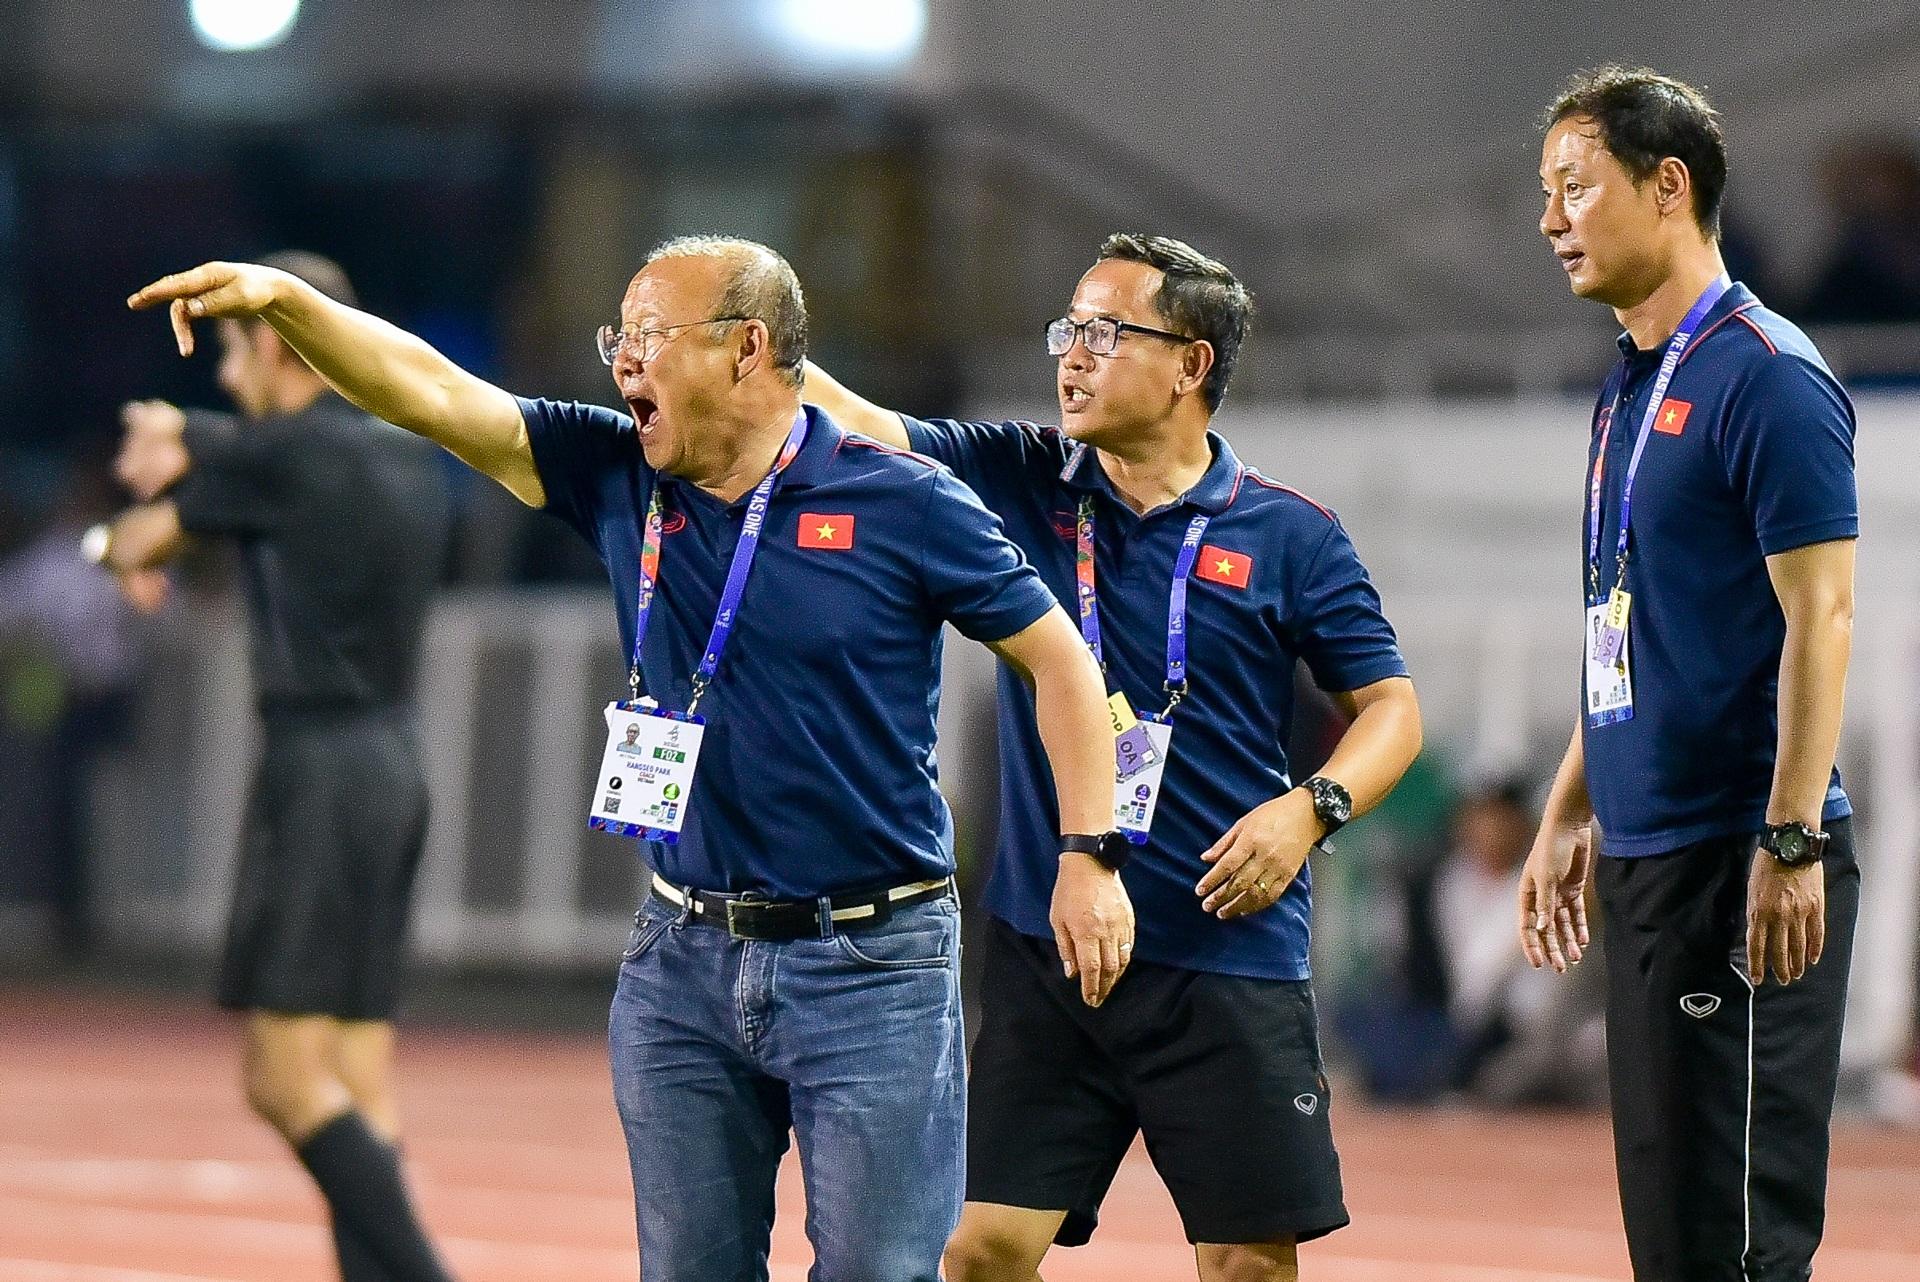 Những cảm xúc đặc biệt của HLV Park Hang Seo trong trận thắng U22 Campuchia - 6